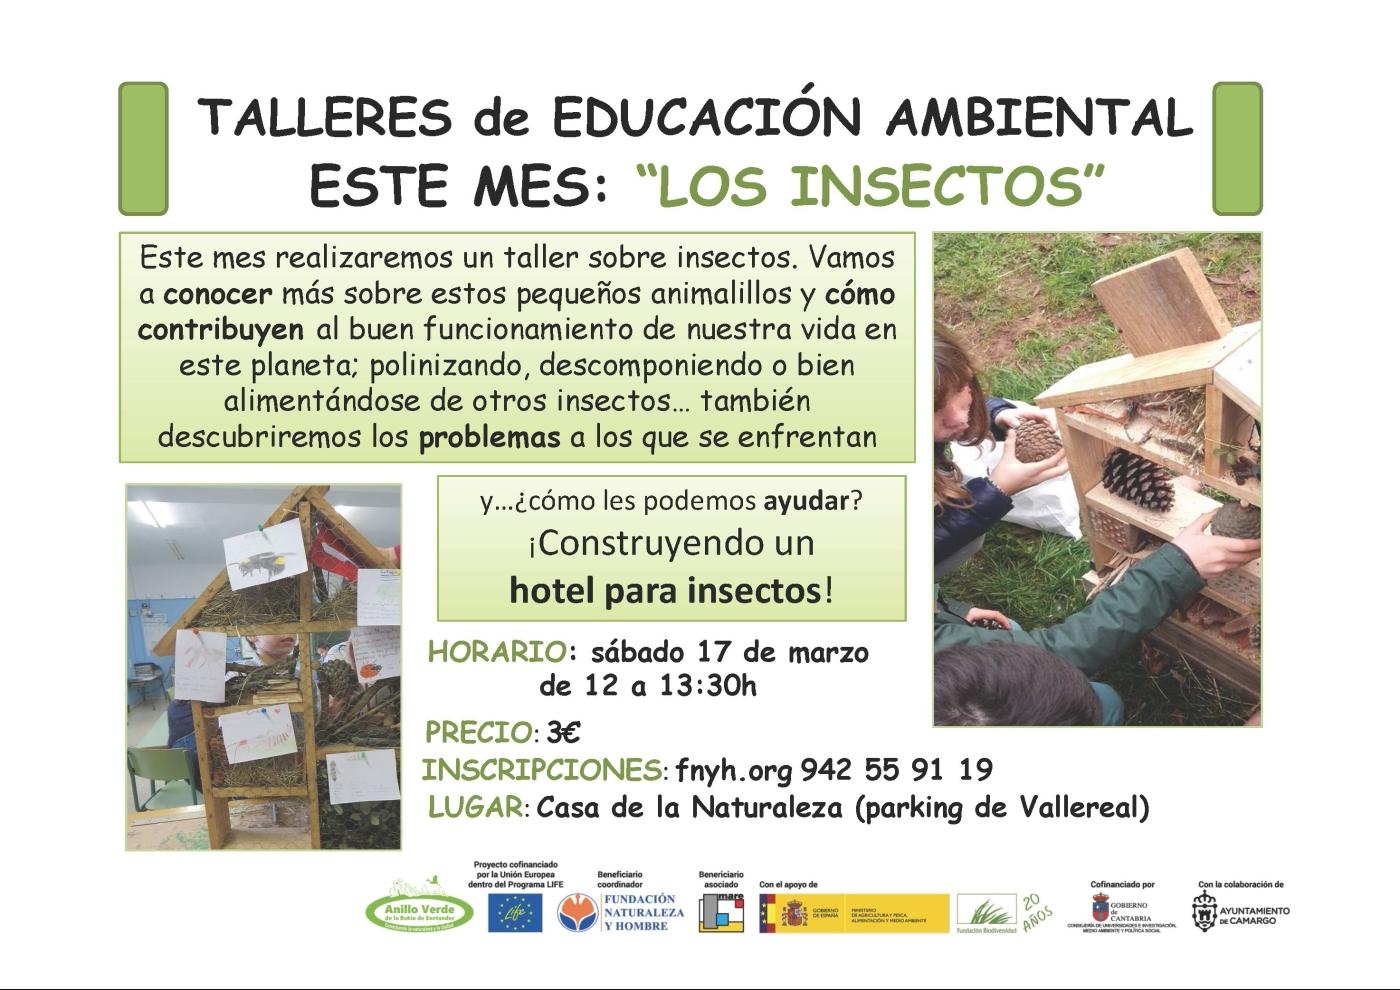 Taller de Educación Ambiental: Los insectos, bichos a tu alrededor. Casa Naturaleza Humedales Anillo Verde, marisma Adlay. 17 marzo 2018